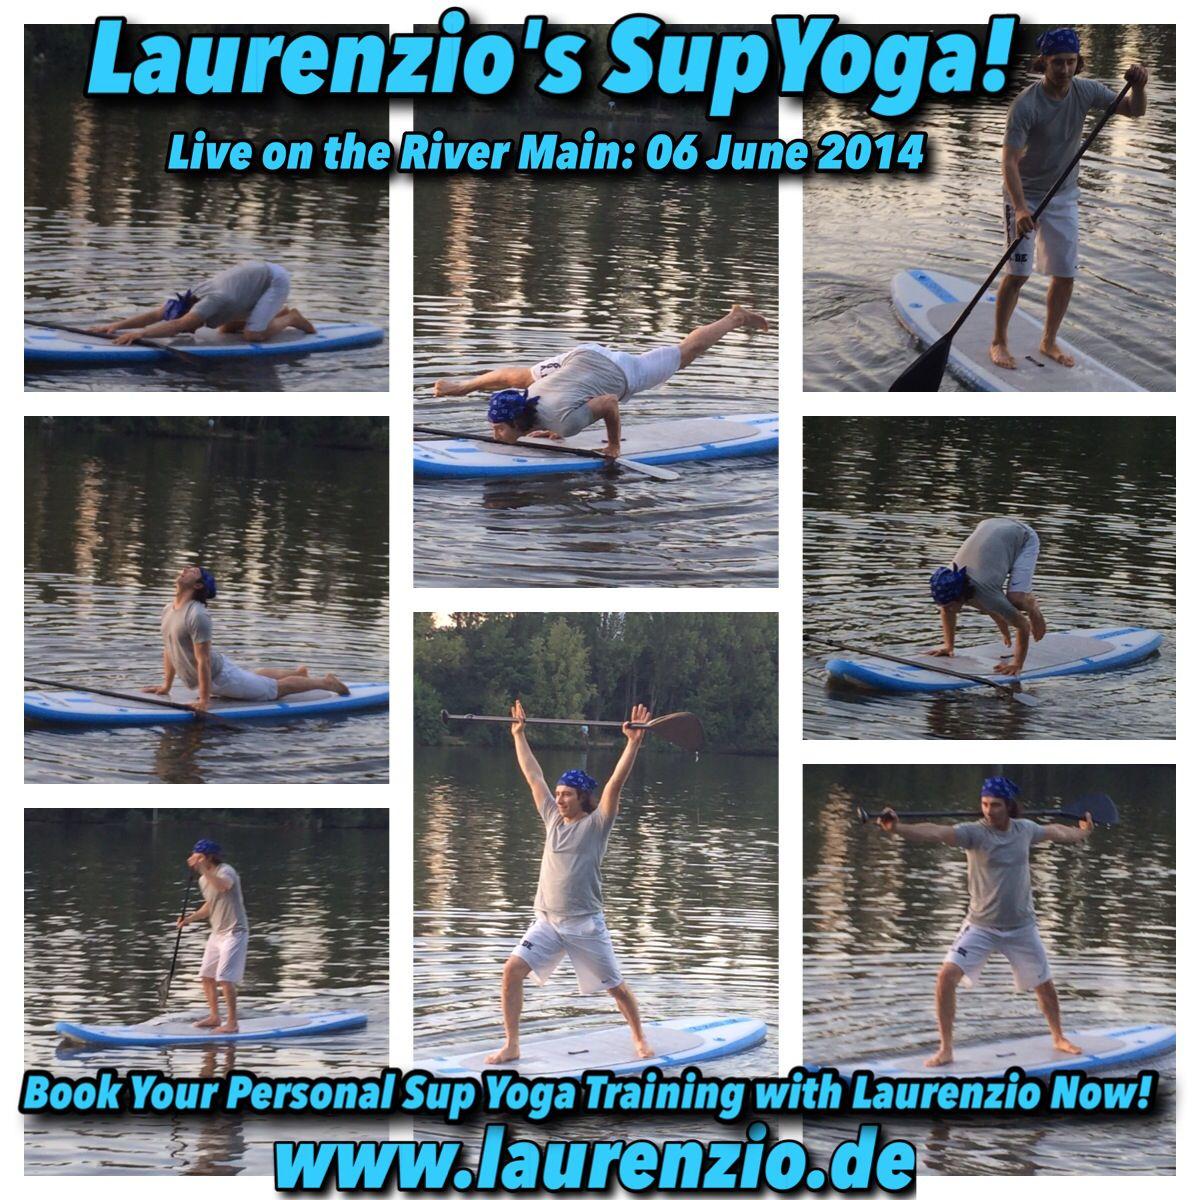 Die Sup Yoga Saison mit Laurenzio ist eröffnet! Ich habe gerade eine schöne Sunset Sup Yoga Session auf dem Main gemacht und meine 2 aufblasbaren Supboards und Carbon Paddel zum ersten Mal getestet. Es ging alles Super ohne dass ich Baden ging ;-). Wenn du Sup Yoga ausprobieren möchtest dann lass es mich wissen. Ab sofort biete ich 1x1 Personal Sup Yoga Training auf dem Main oder einen ruhigen geeigneten See deiner Wahl. Anfragen unter: info@laurenzio.de oder unter Tel: 0176-32101451